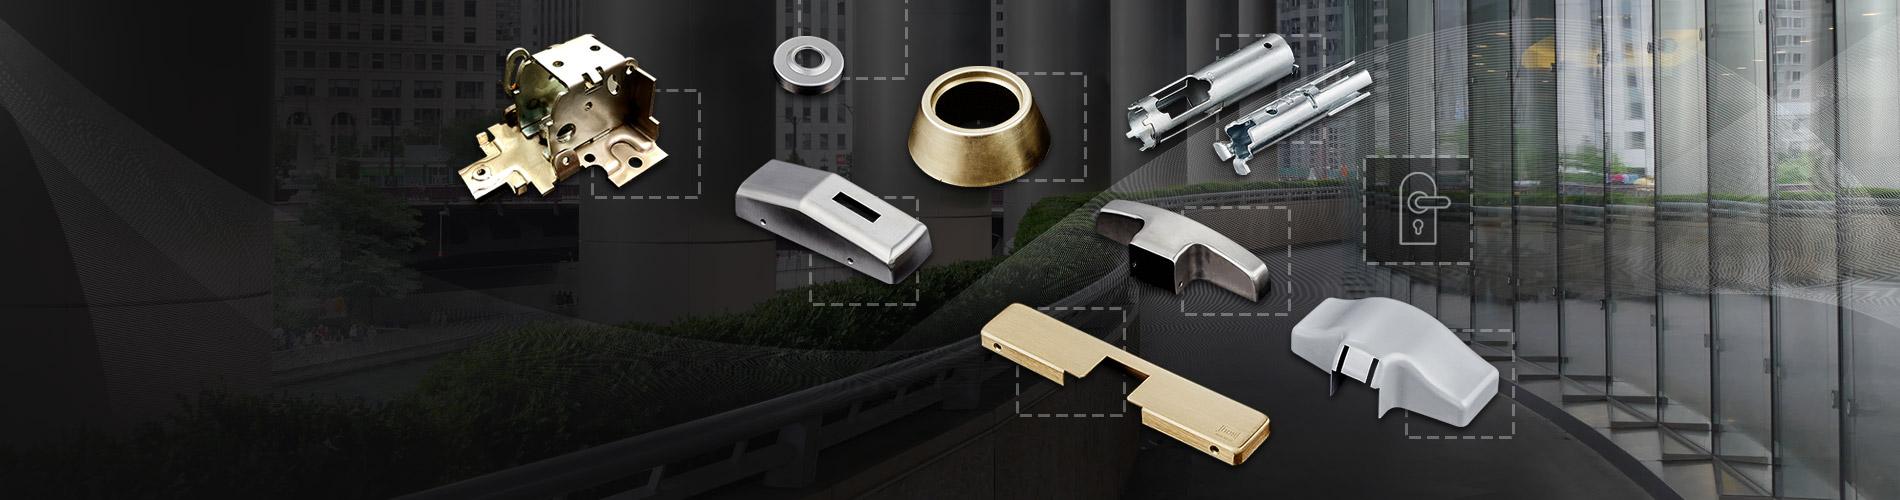 Werbung Grade Türschloss Komponenten